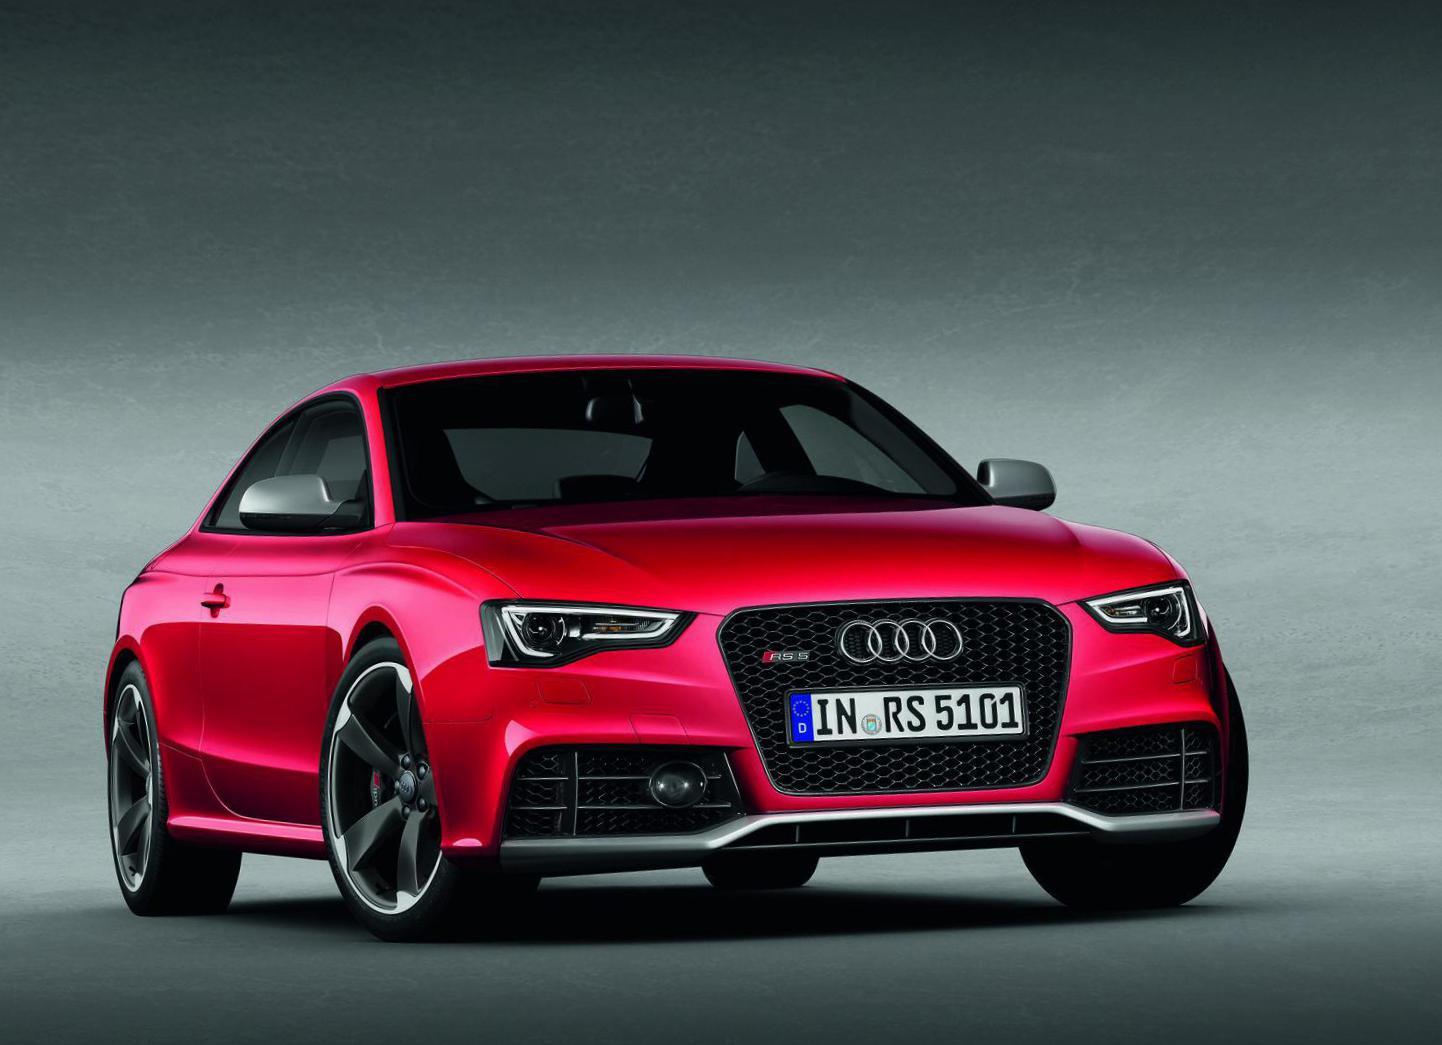 Kekurangan Audi Rs5 2012 Review